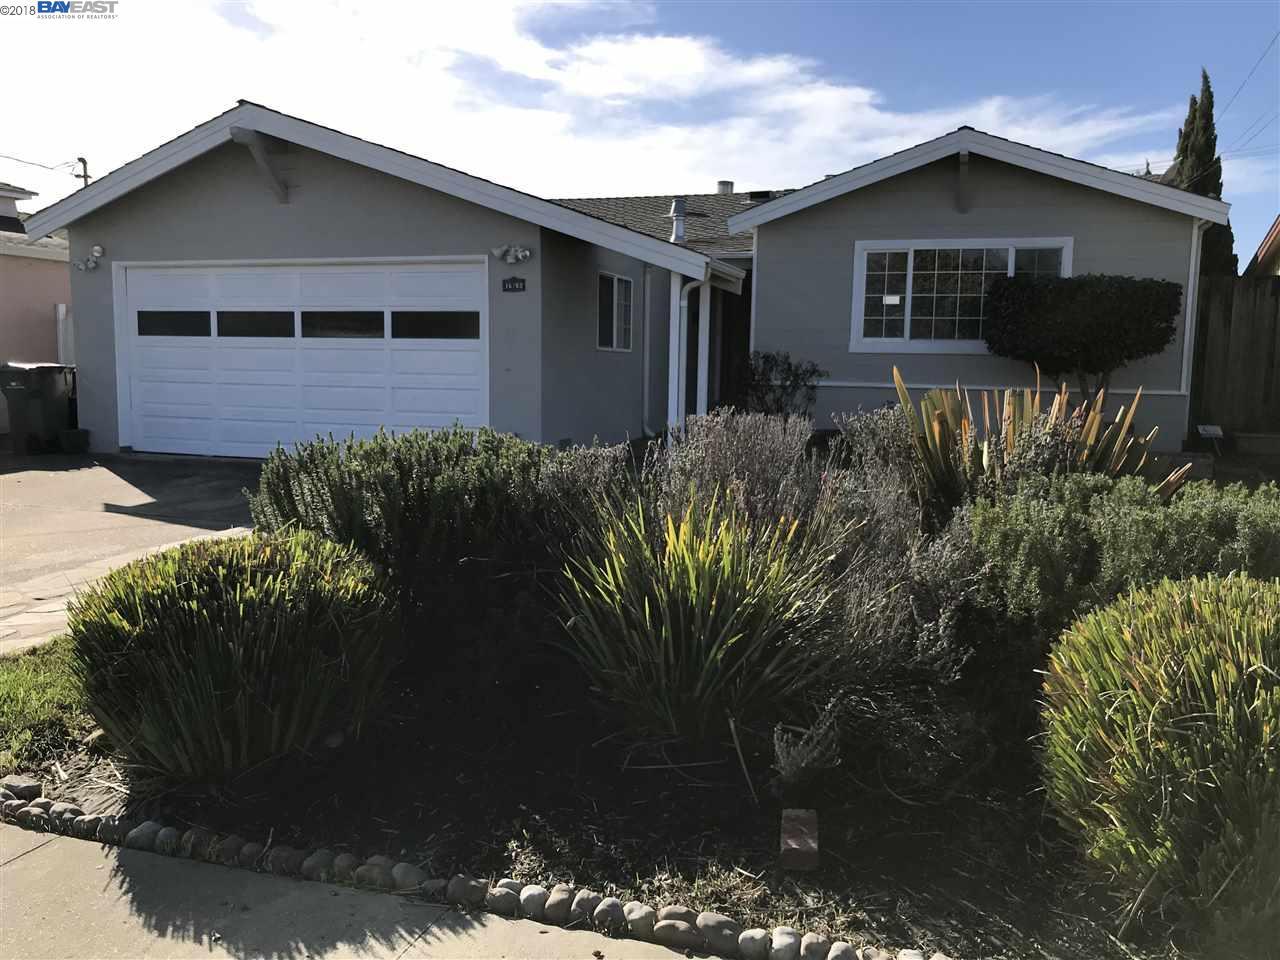 Частный односемейный дом для того Продажа на 15763 Via Sorrento 15763 Via Sorrento San Lorenzo, Калифорния 94580 Соединенные Штаты